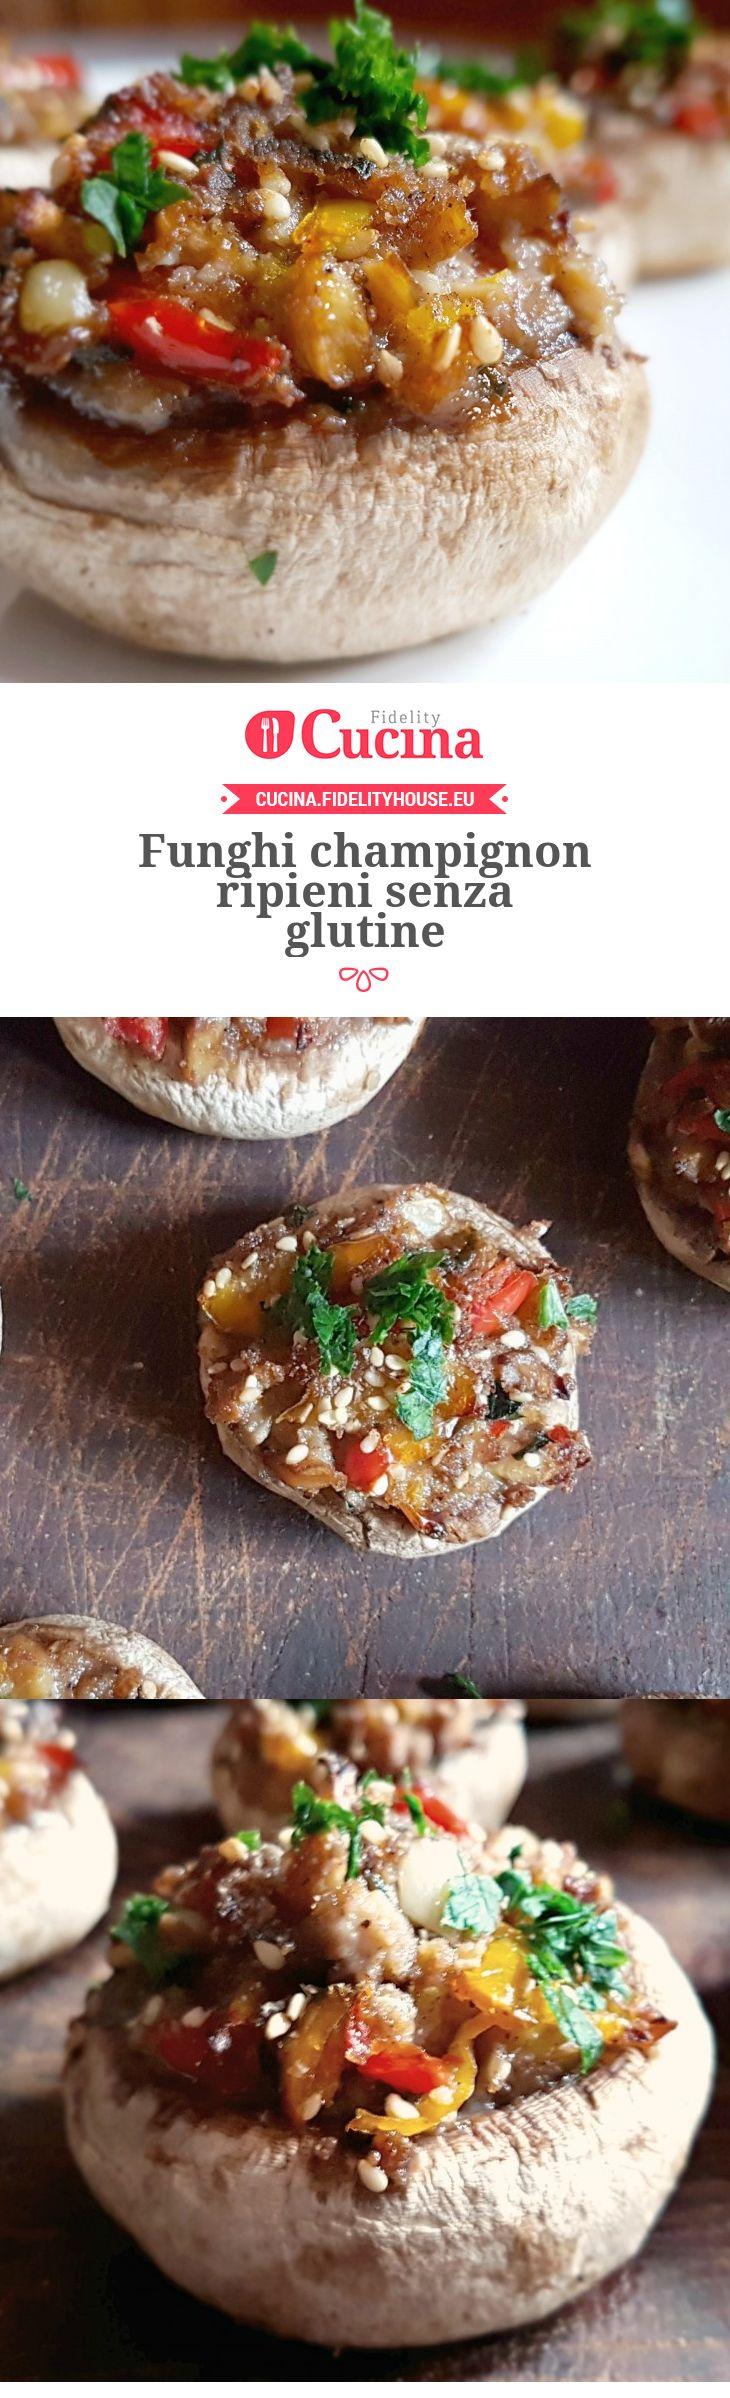 Funghi champignon ripieni senza glutine della nostra utente Monica. Unisciti alla nostra Community ed invia le tue ricette!